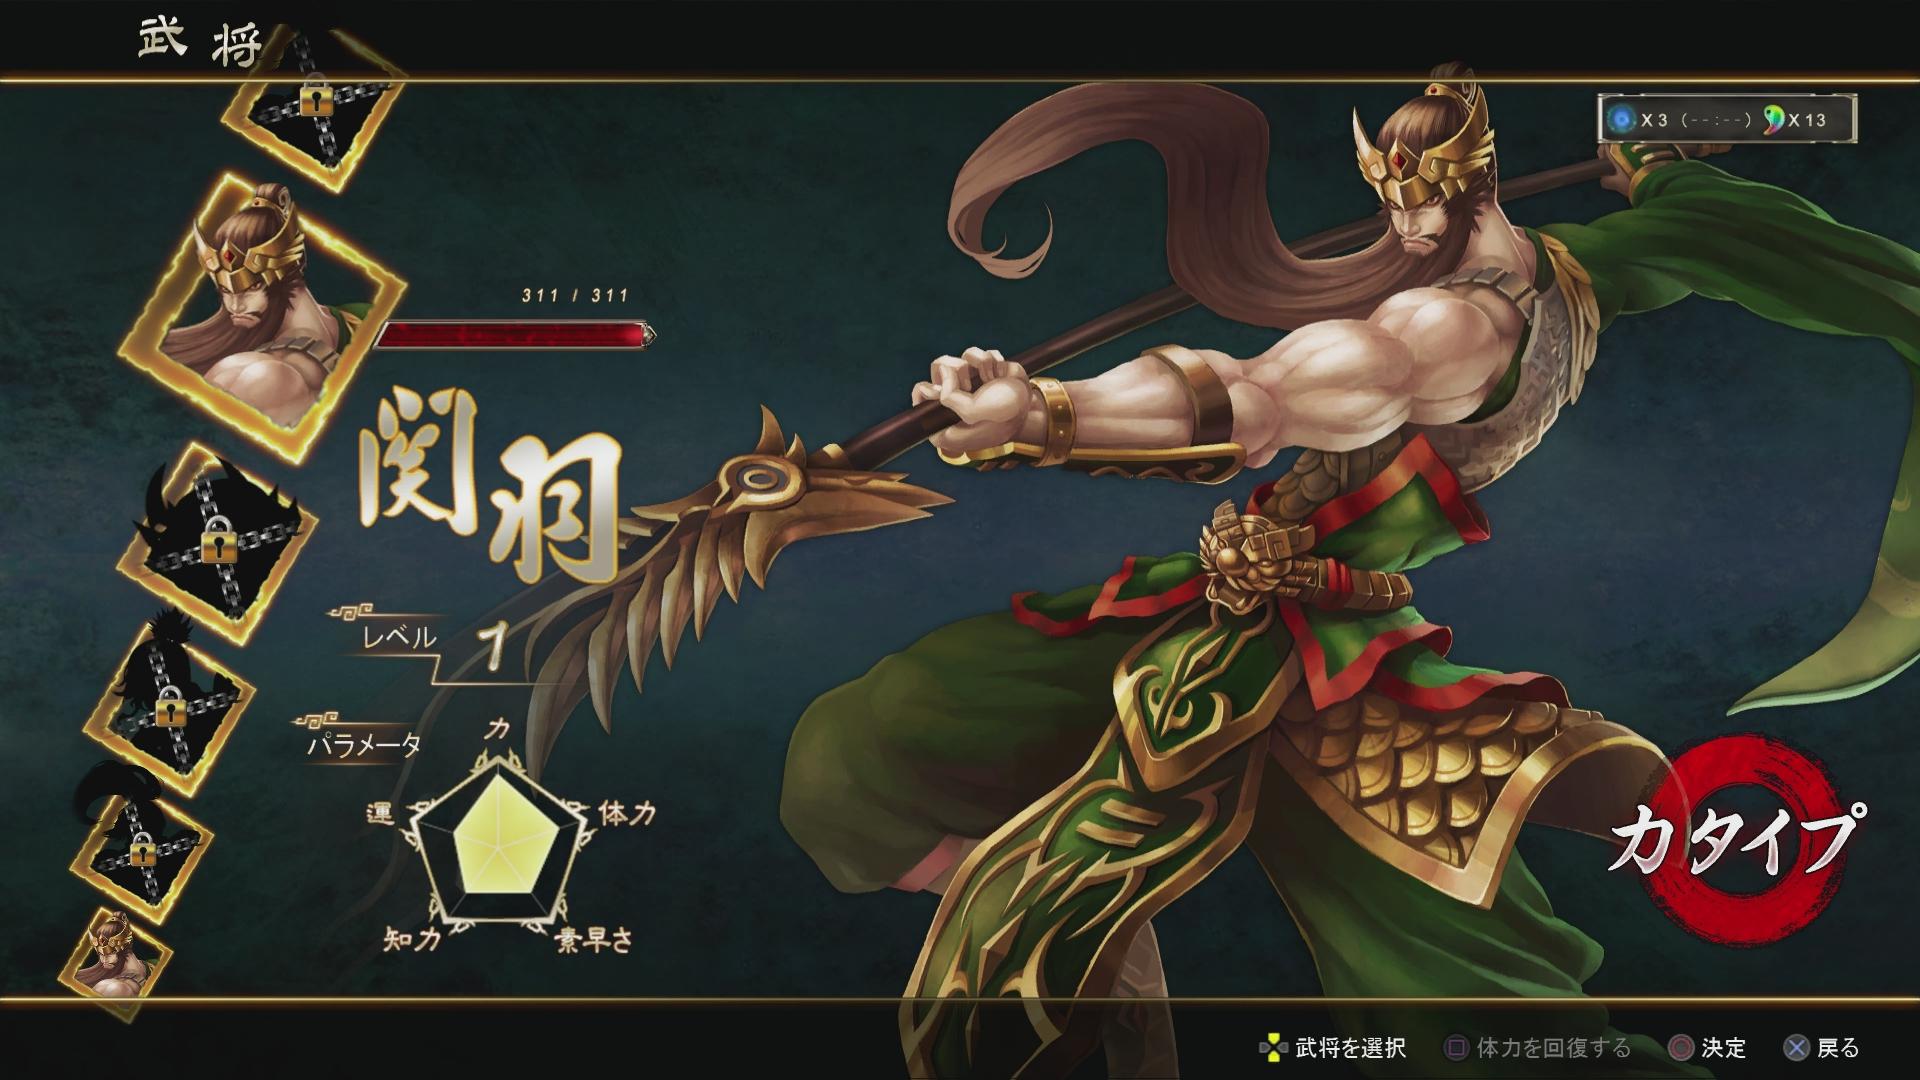 三国战纪游戏图片欣赏